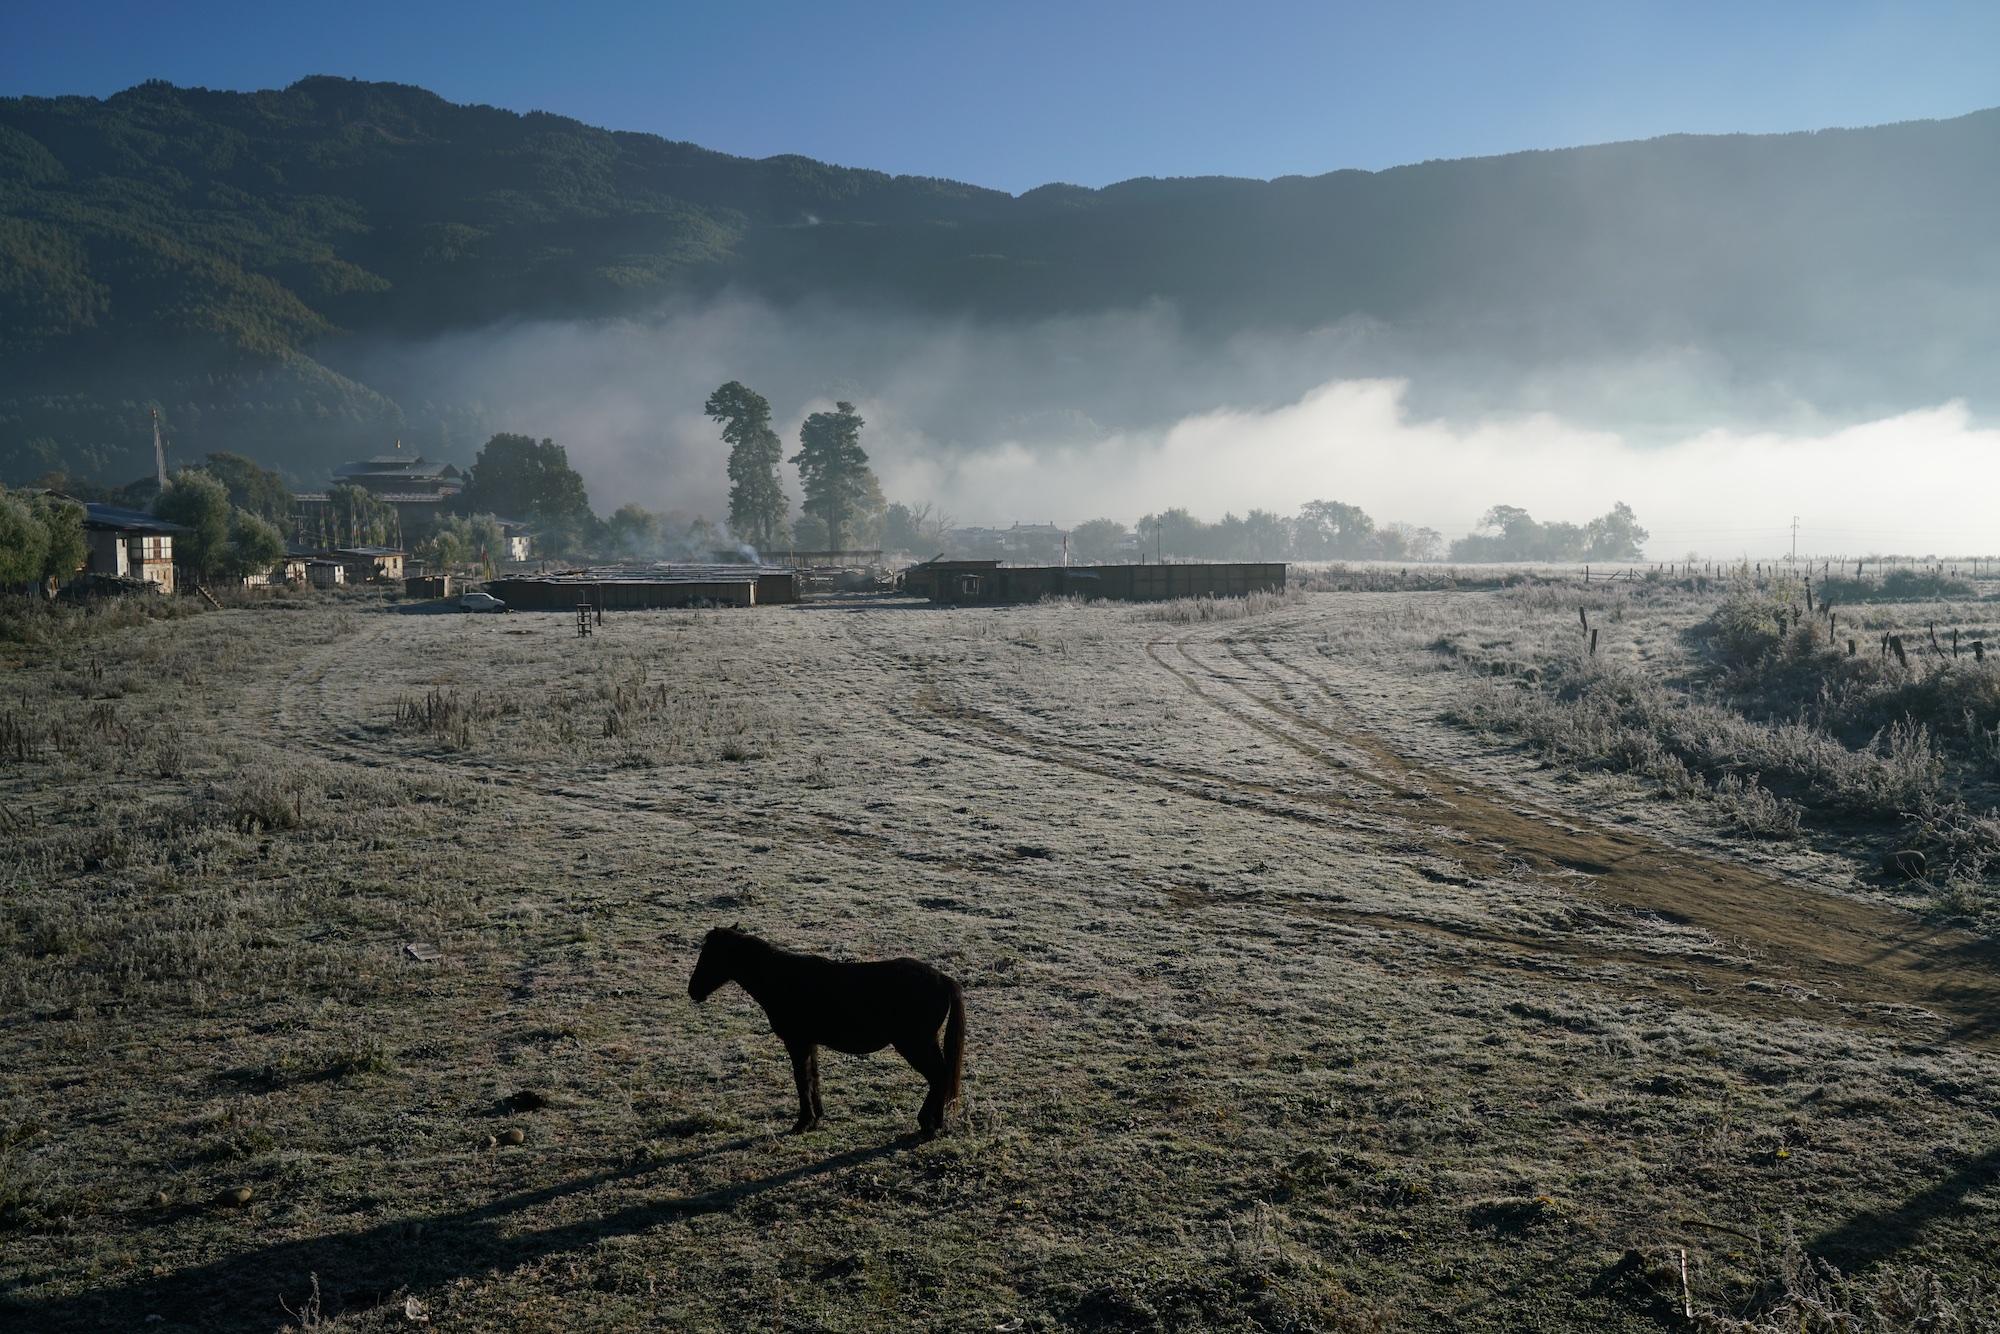 Bhutan-11-17-16- DSC03621.jpg